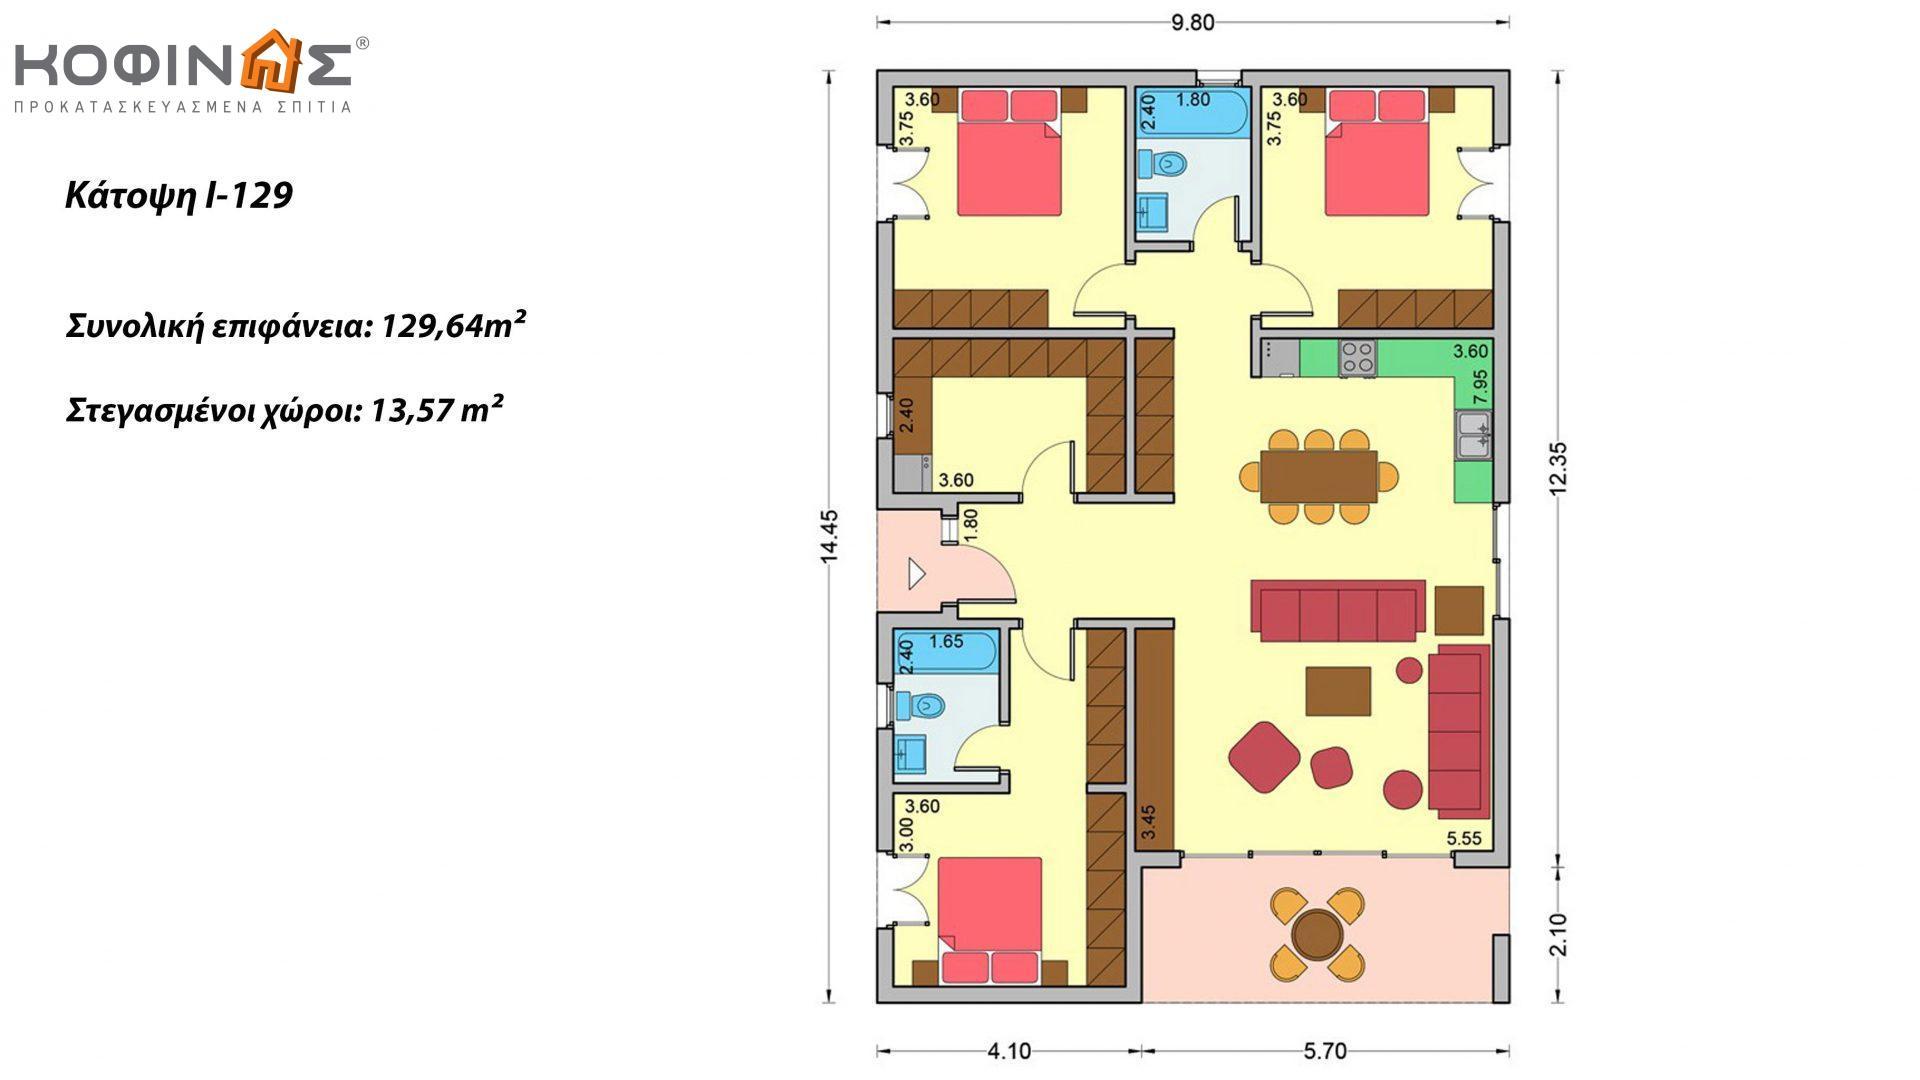 Ισόγεια Κατοικία I-129α, συνολικής επιφάνειας 129,64 τ.μ.